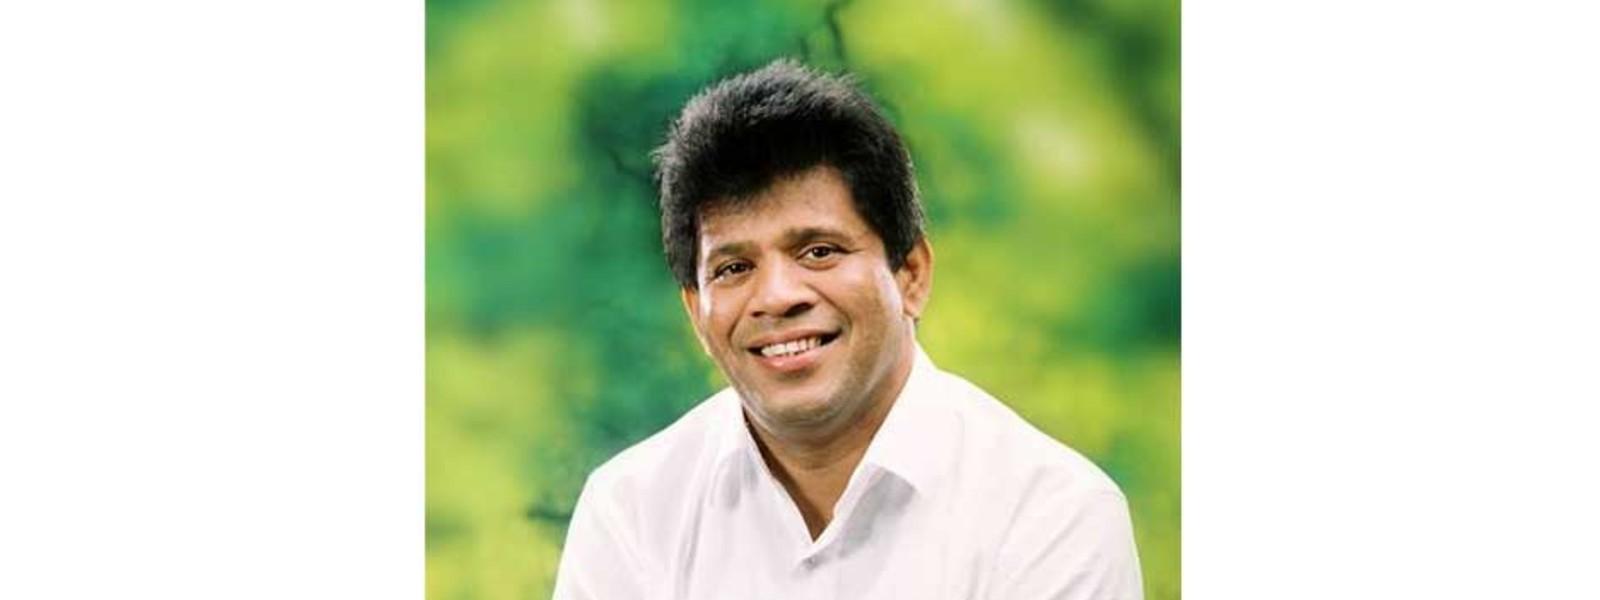 Ajith Mannapperuma nominated for Ranjan's vacant seat